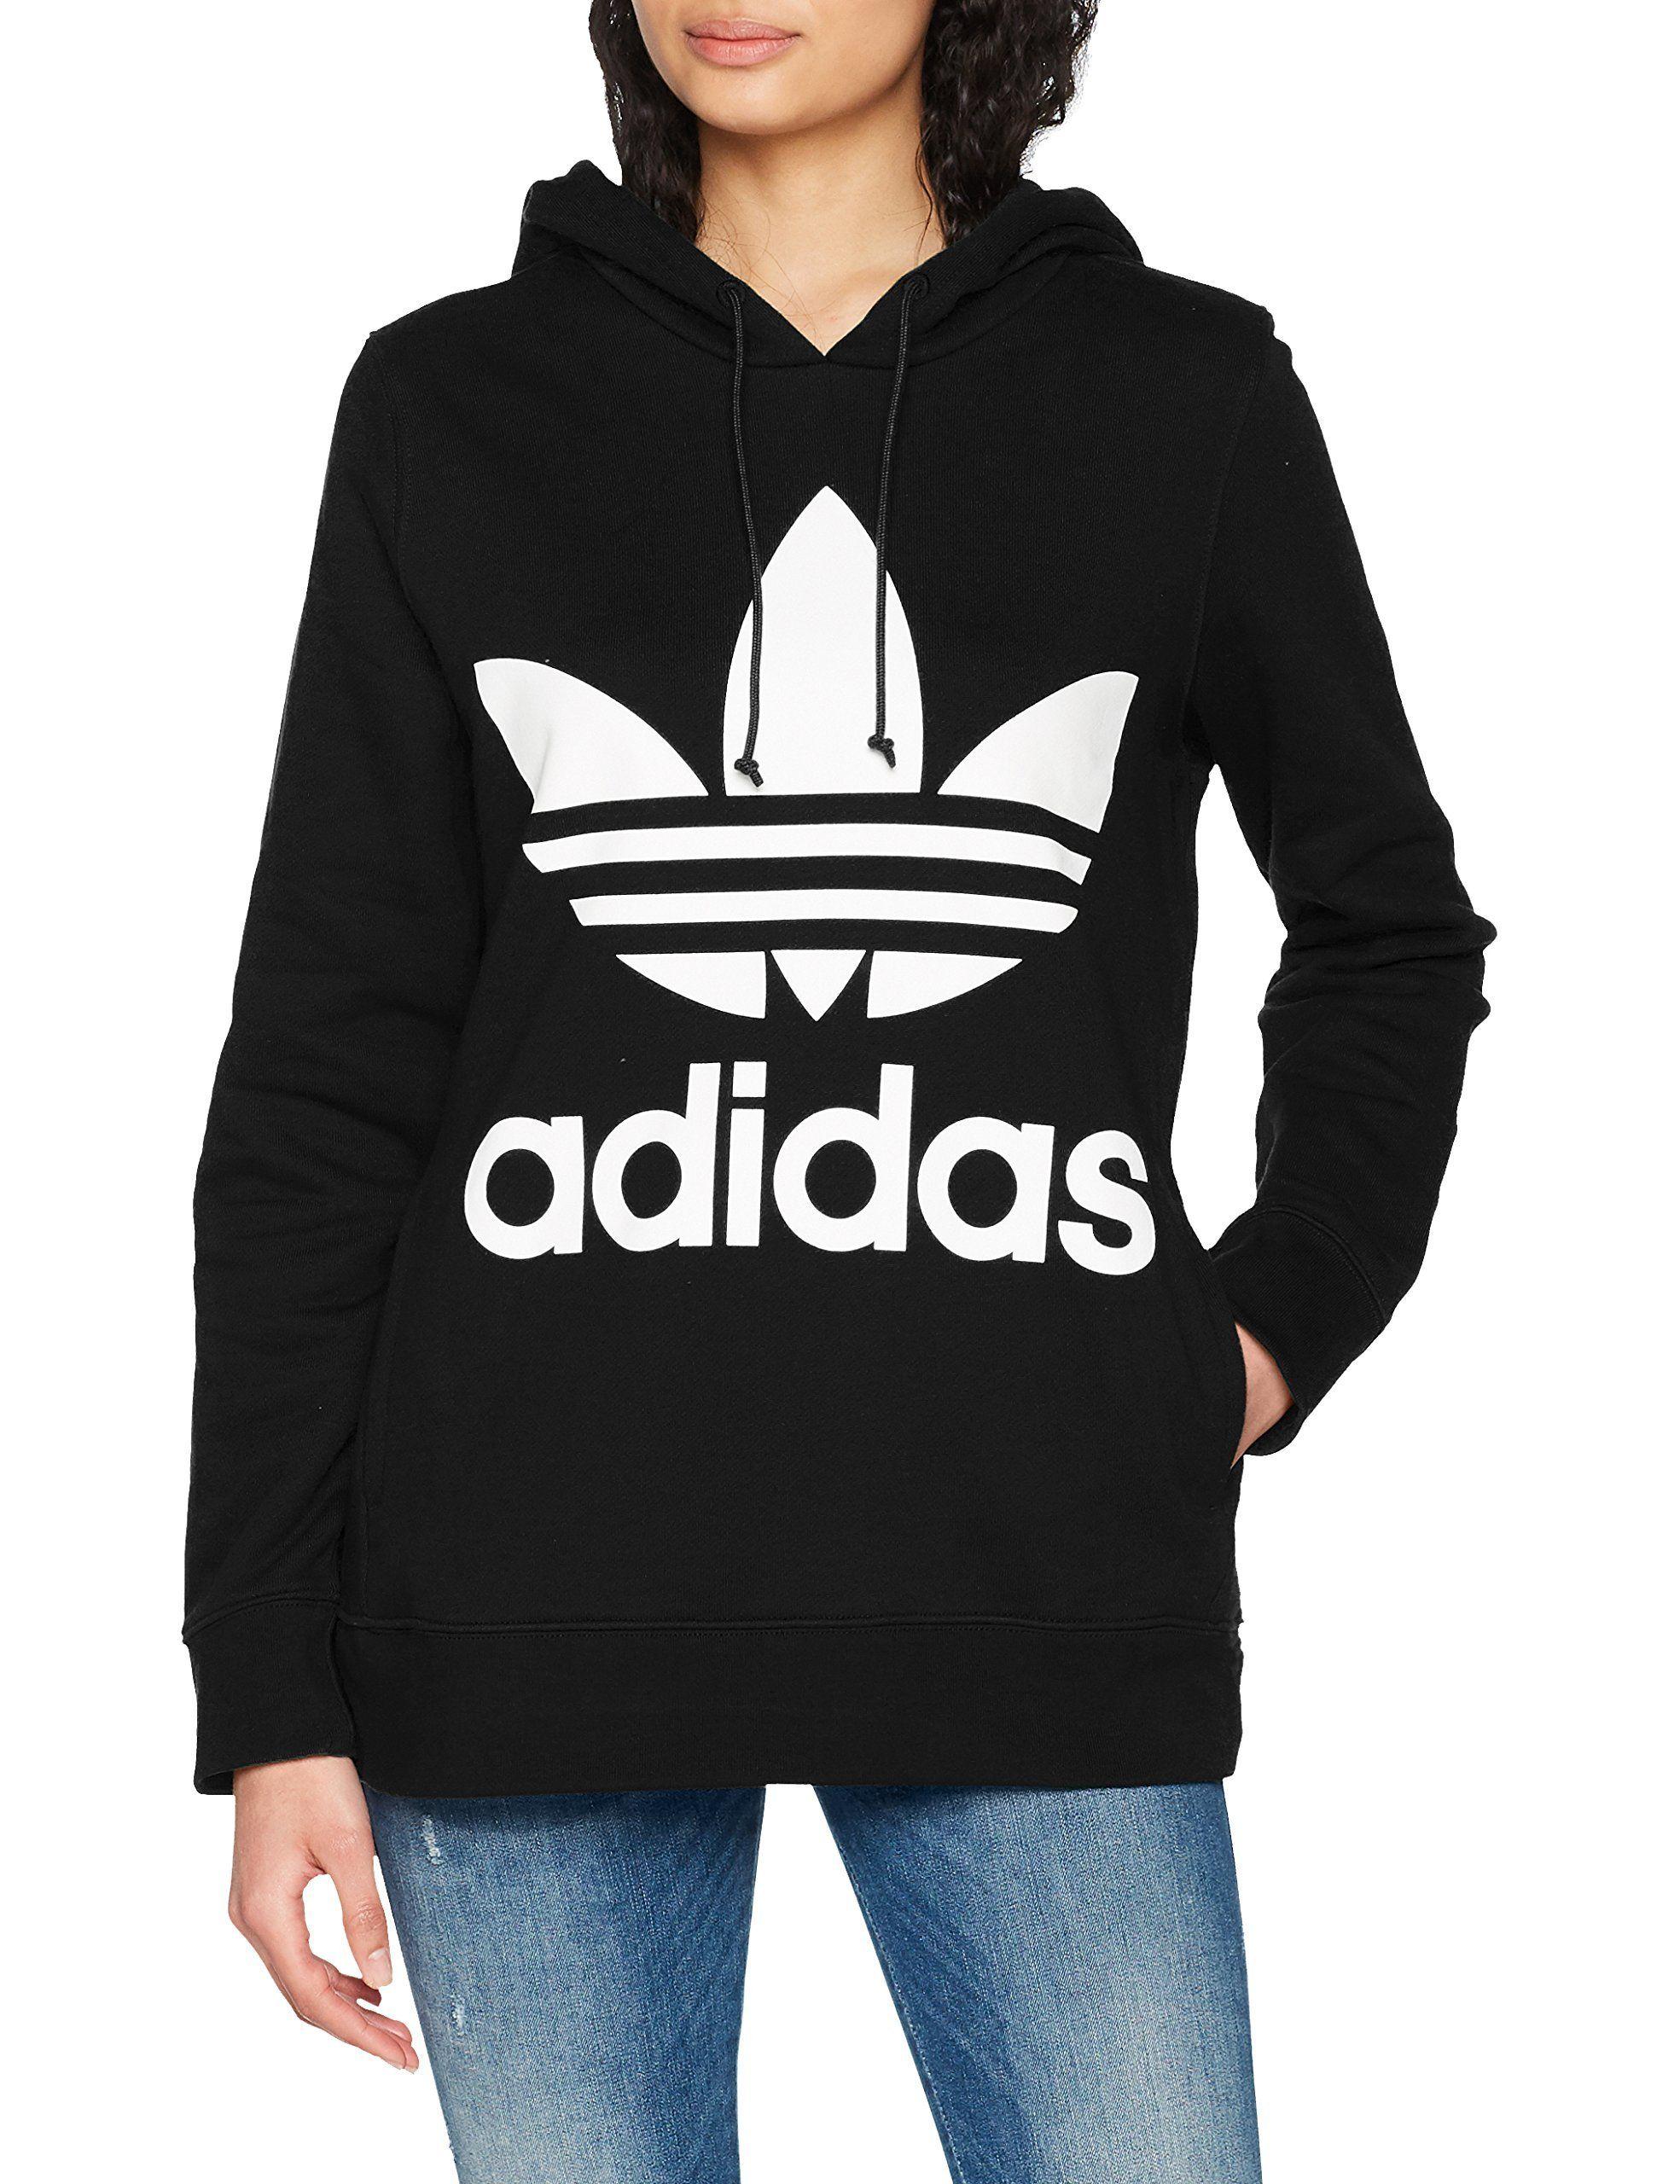 Adidas Women's Trefoil Hoodie | to buy again goods in 2019